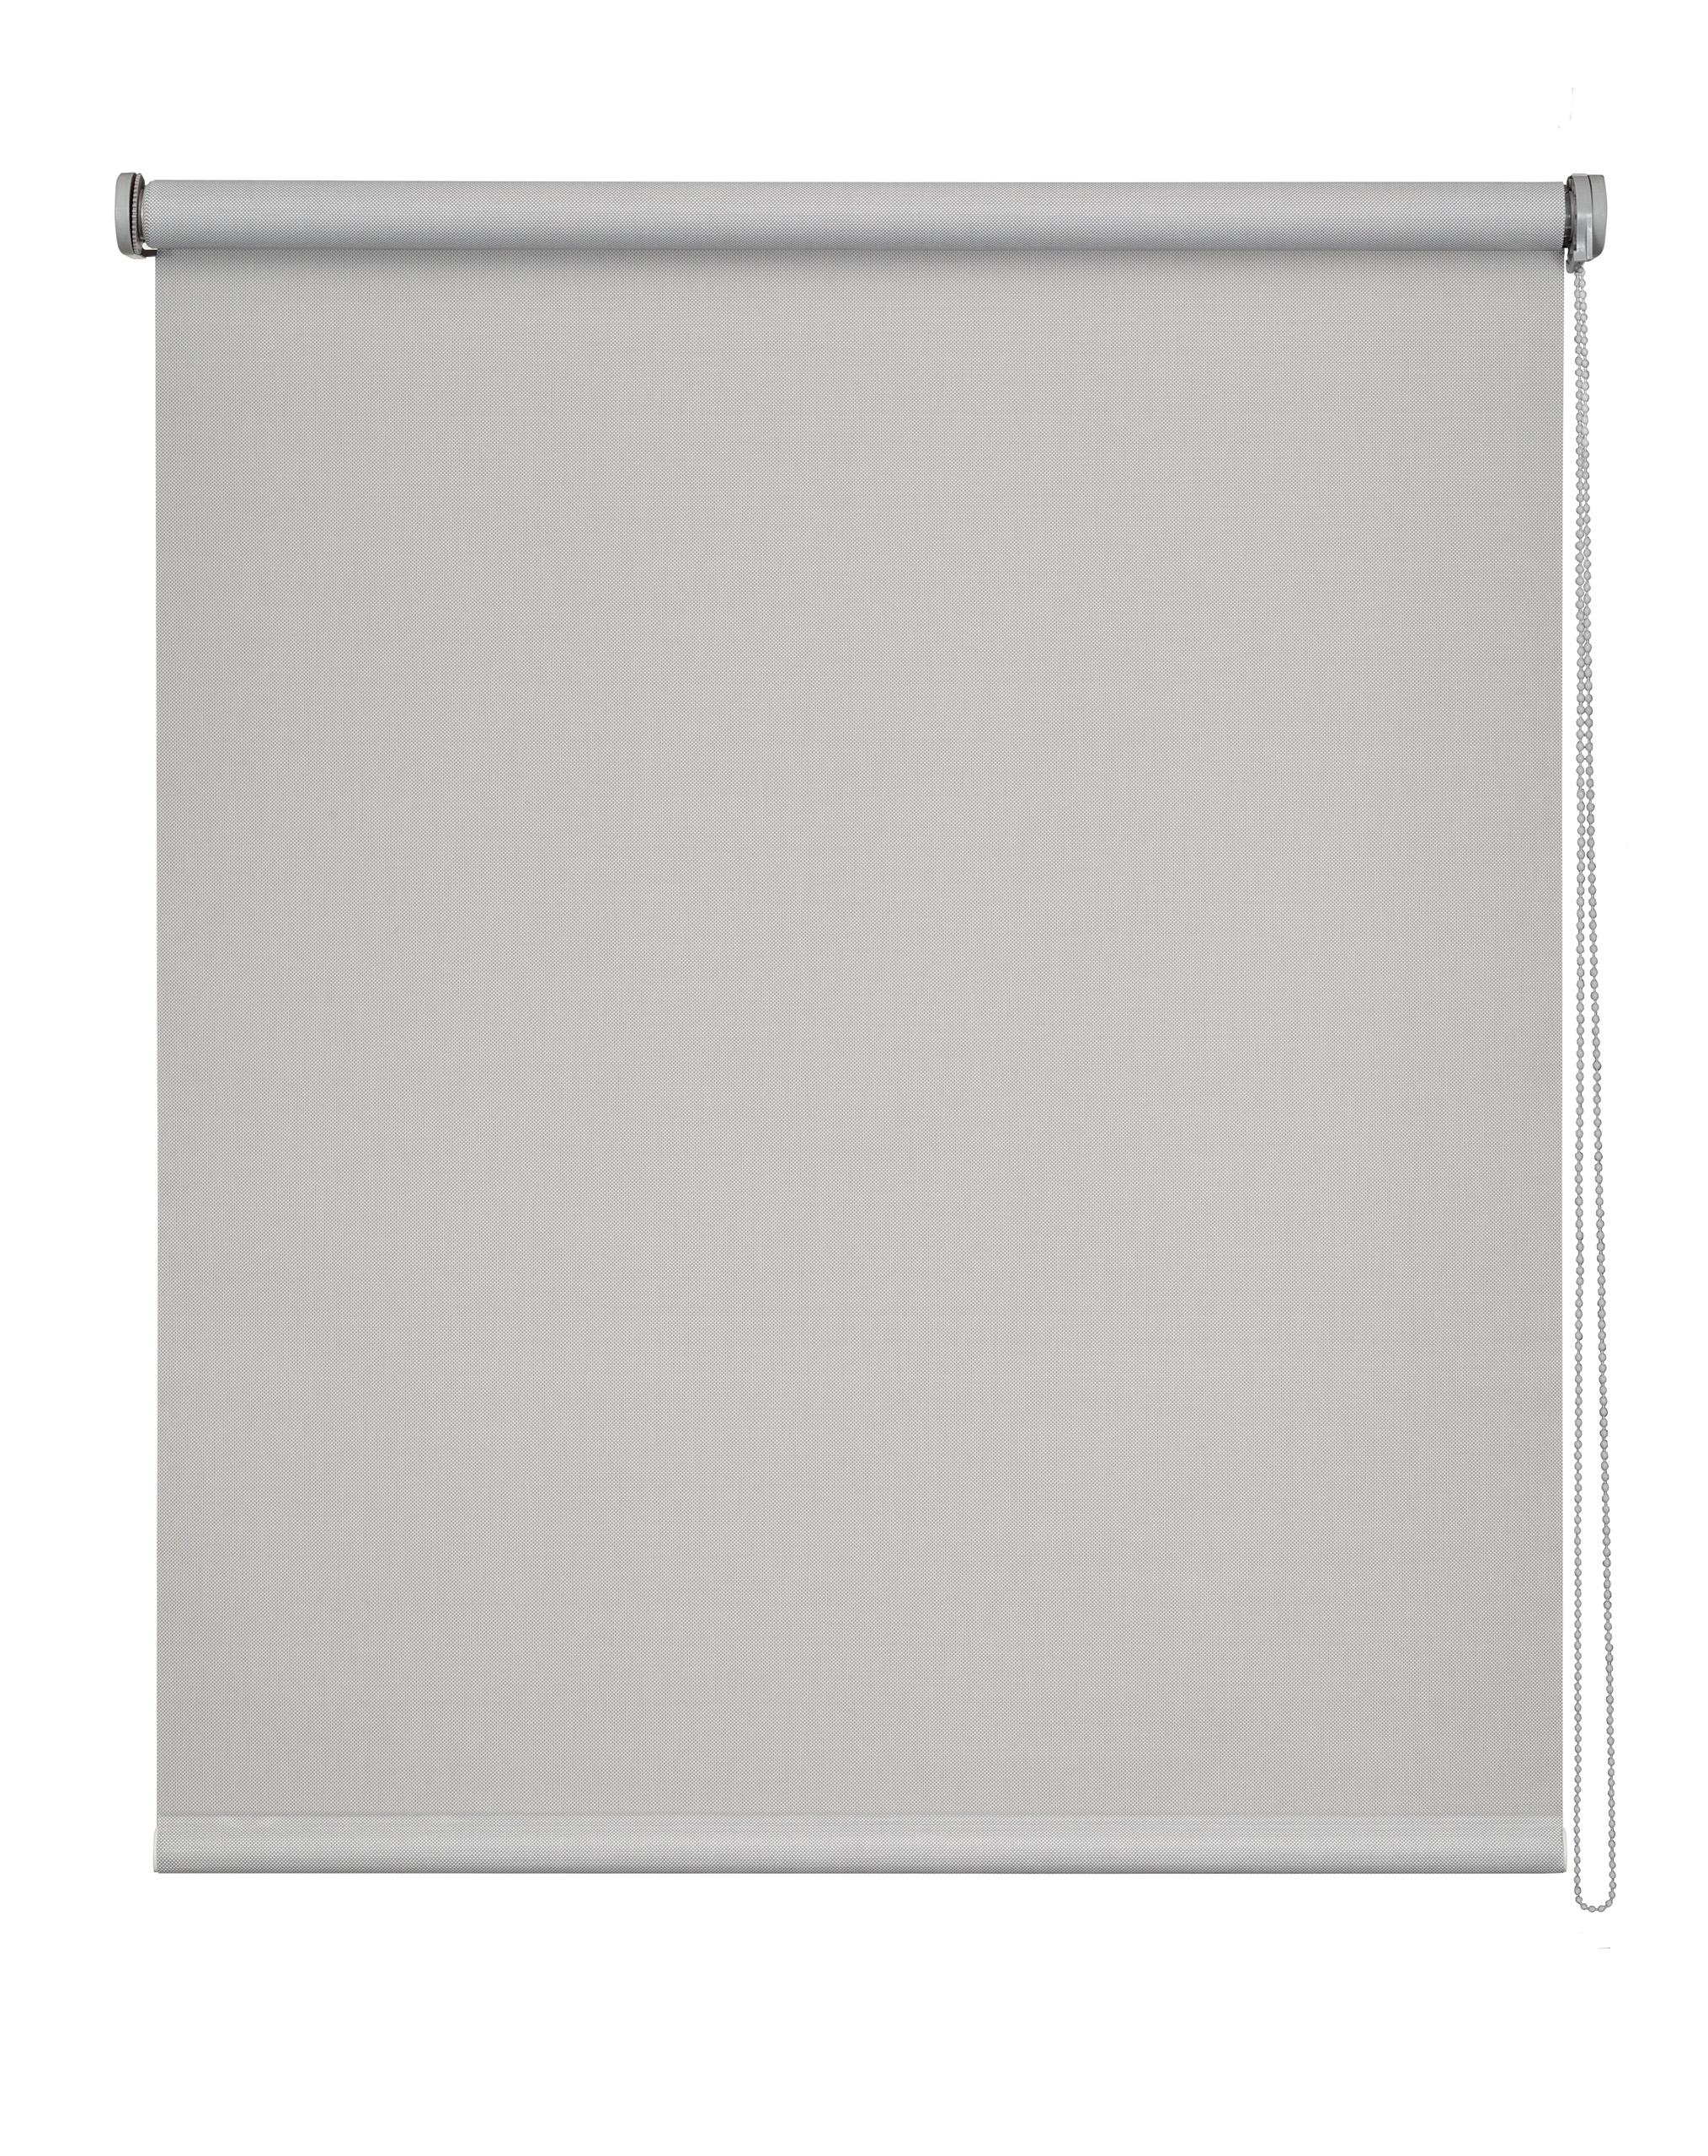 Store Enrouleur voile Screen - Beige - 135 x 250 cm